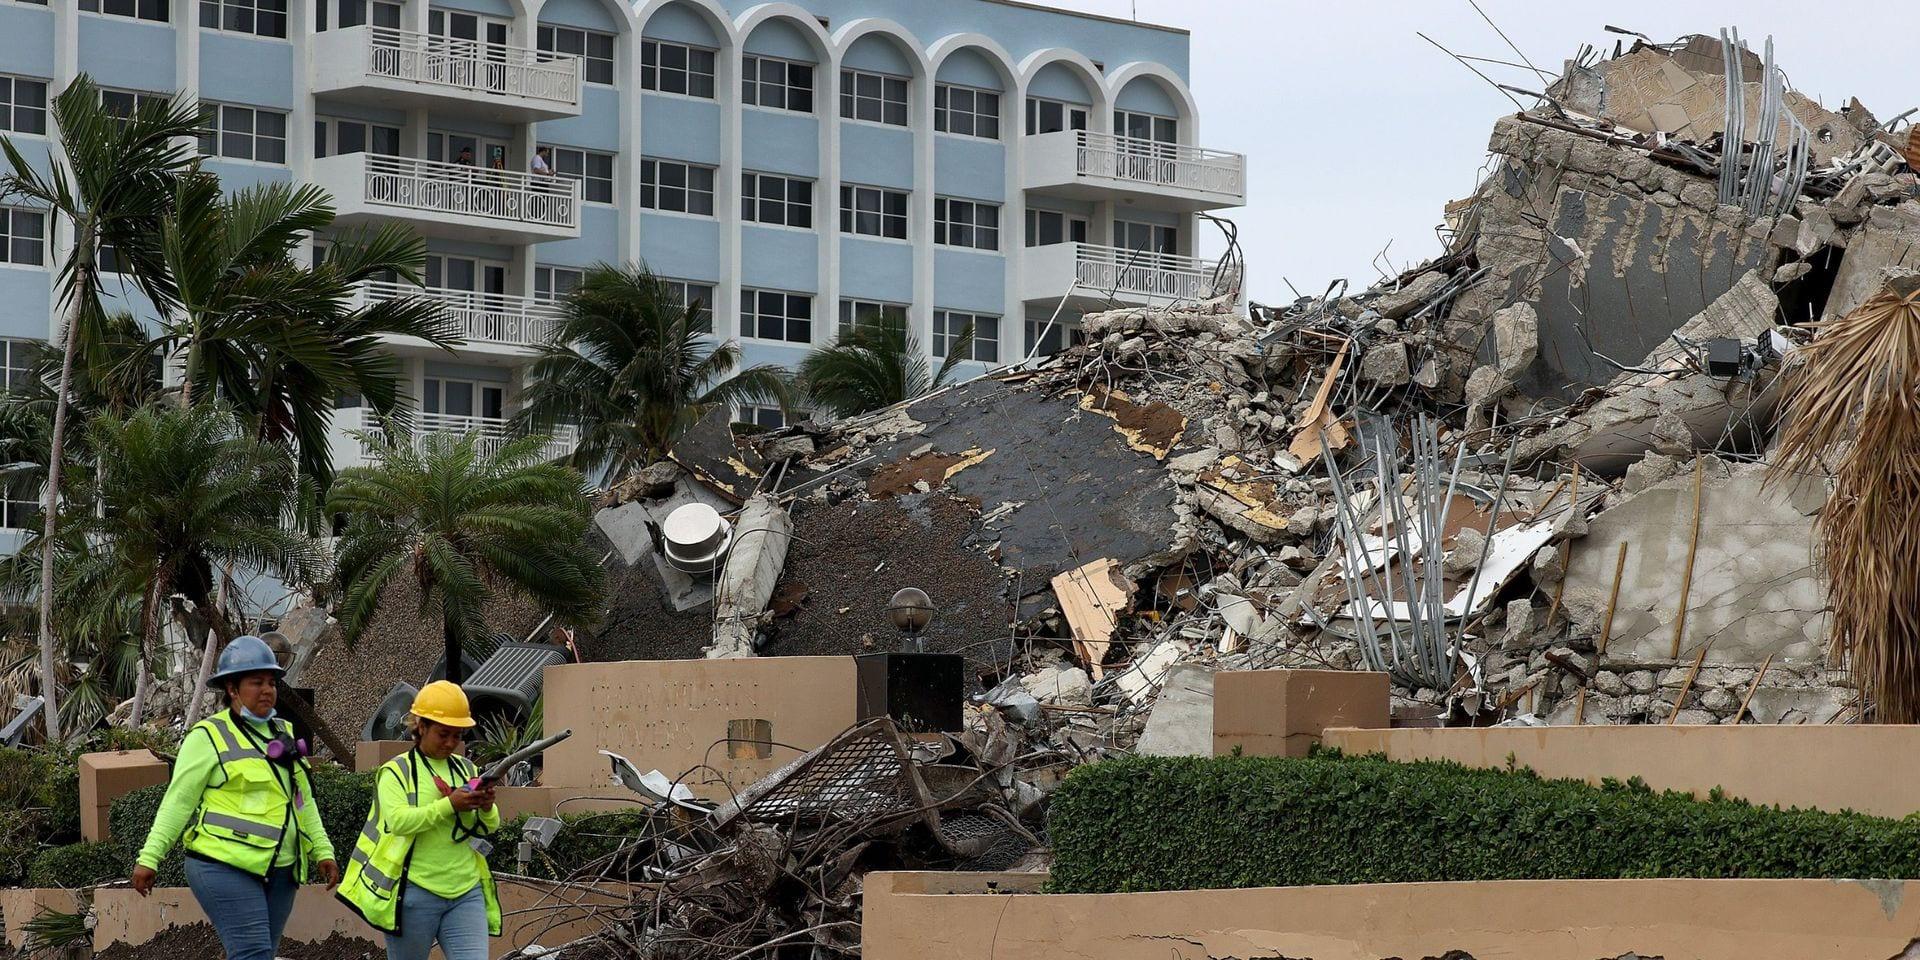 Effondrement d'un immeuble près de Miami Beach: le bilan passe à 78 morts